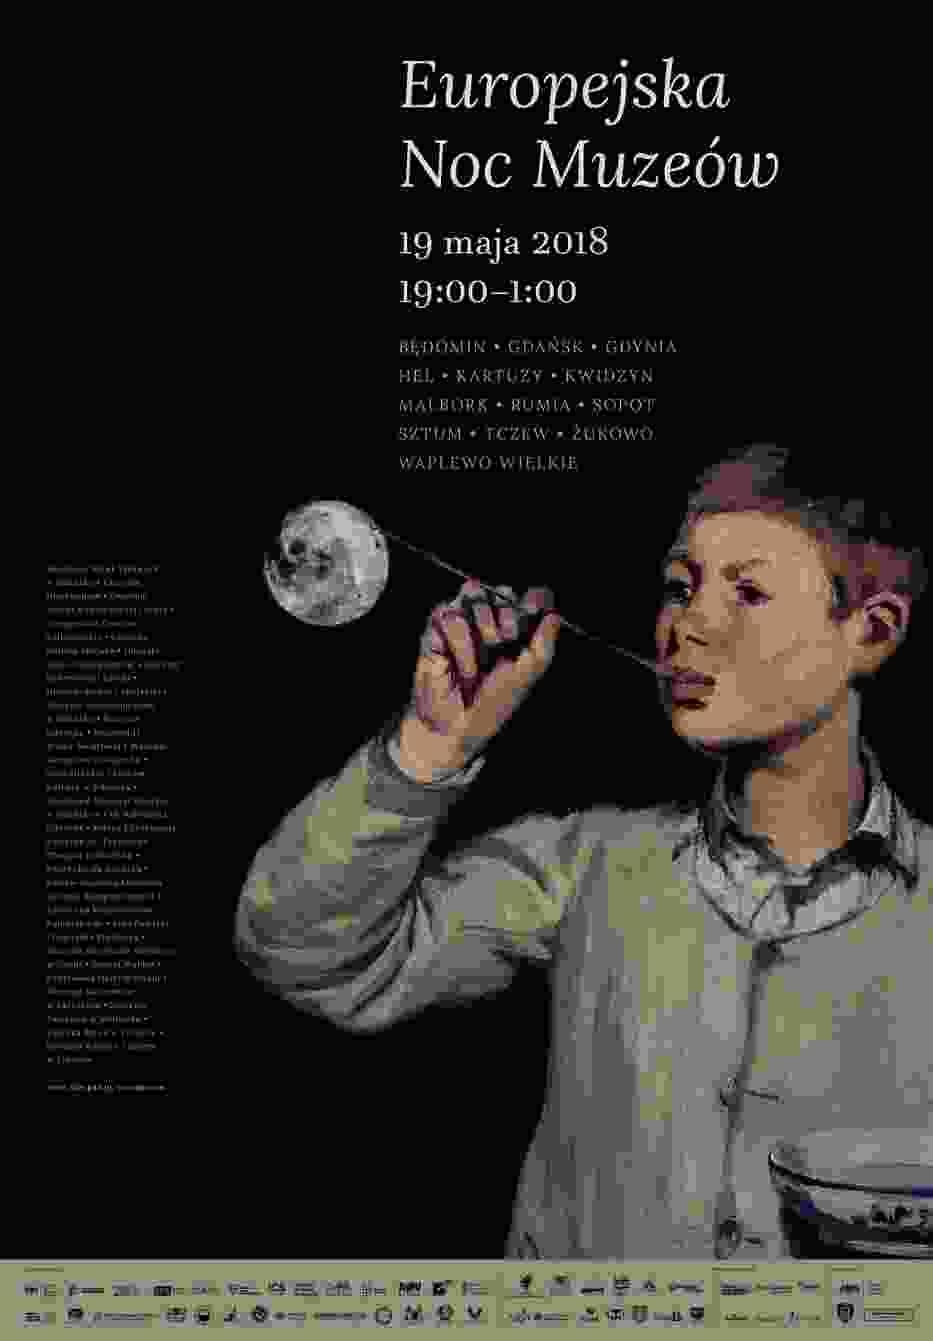 Europejska Noc Muzeów 2018